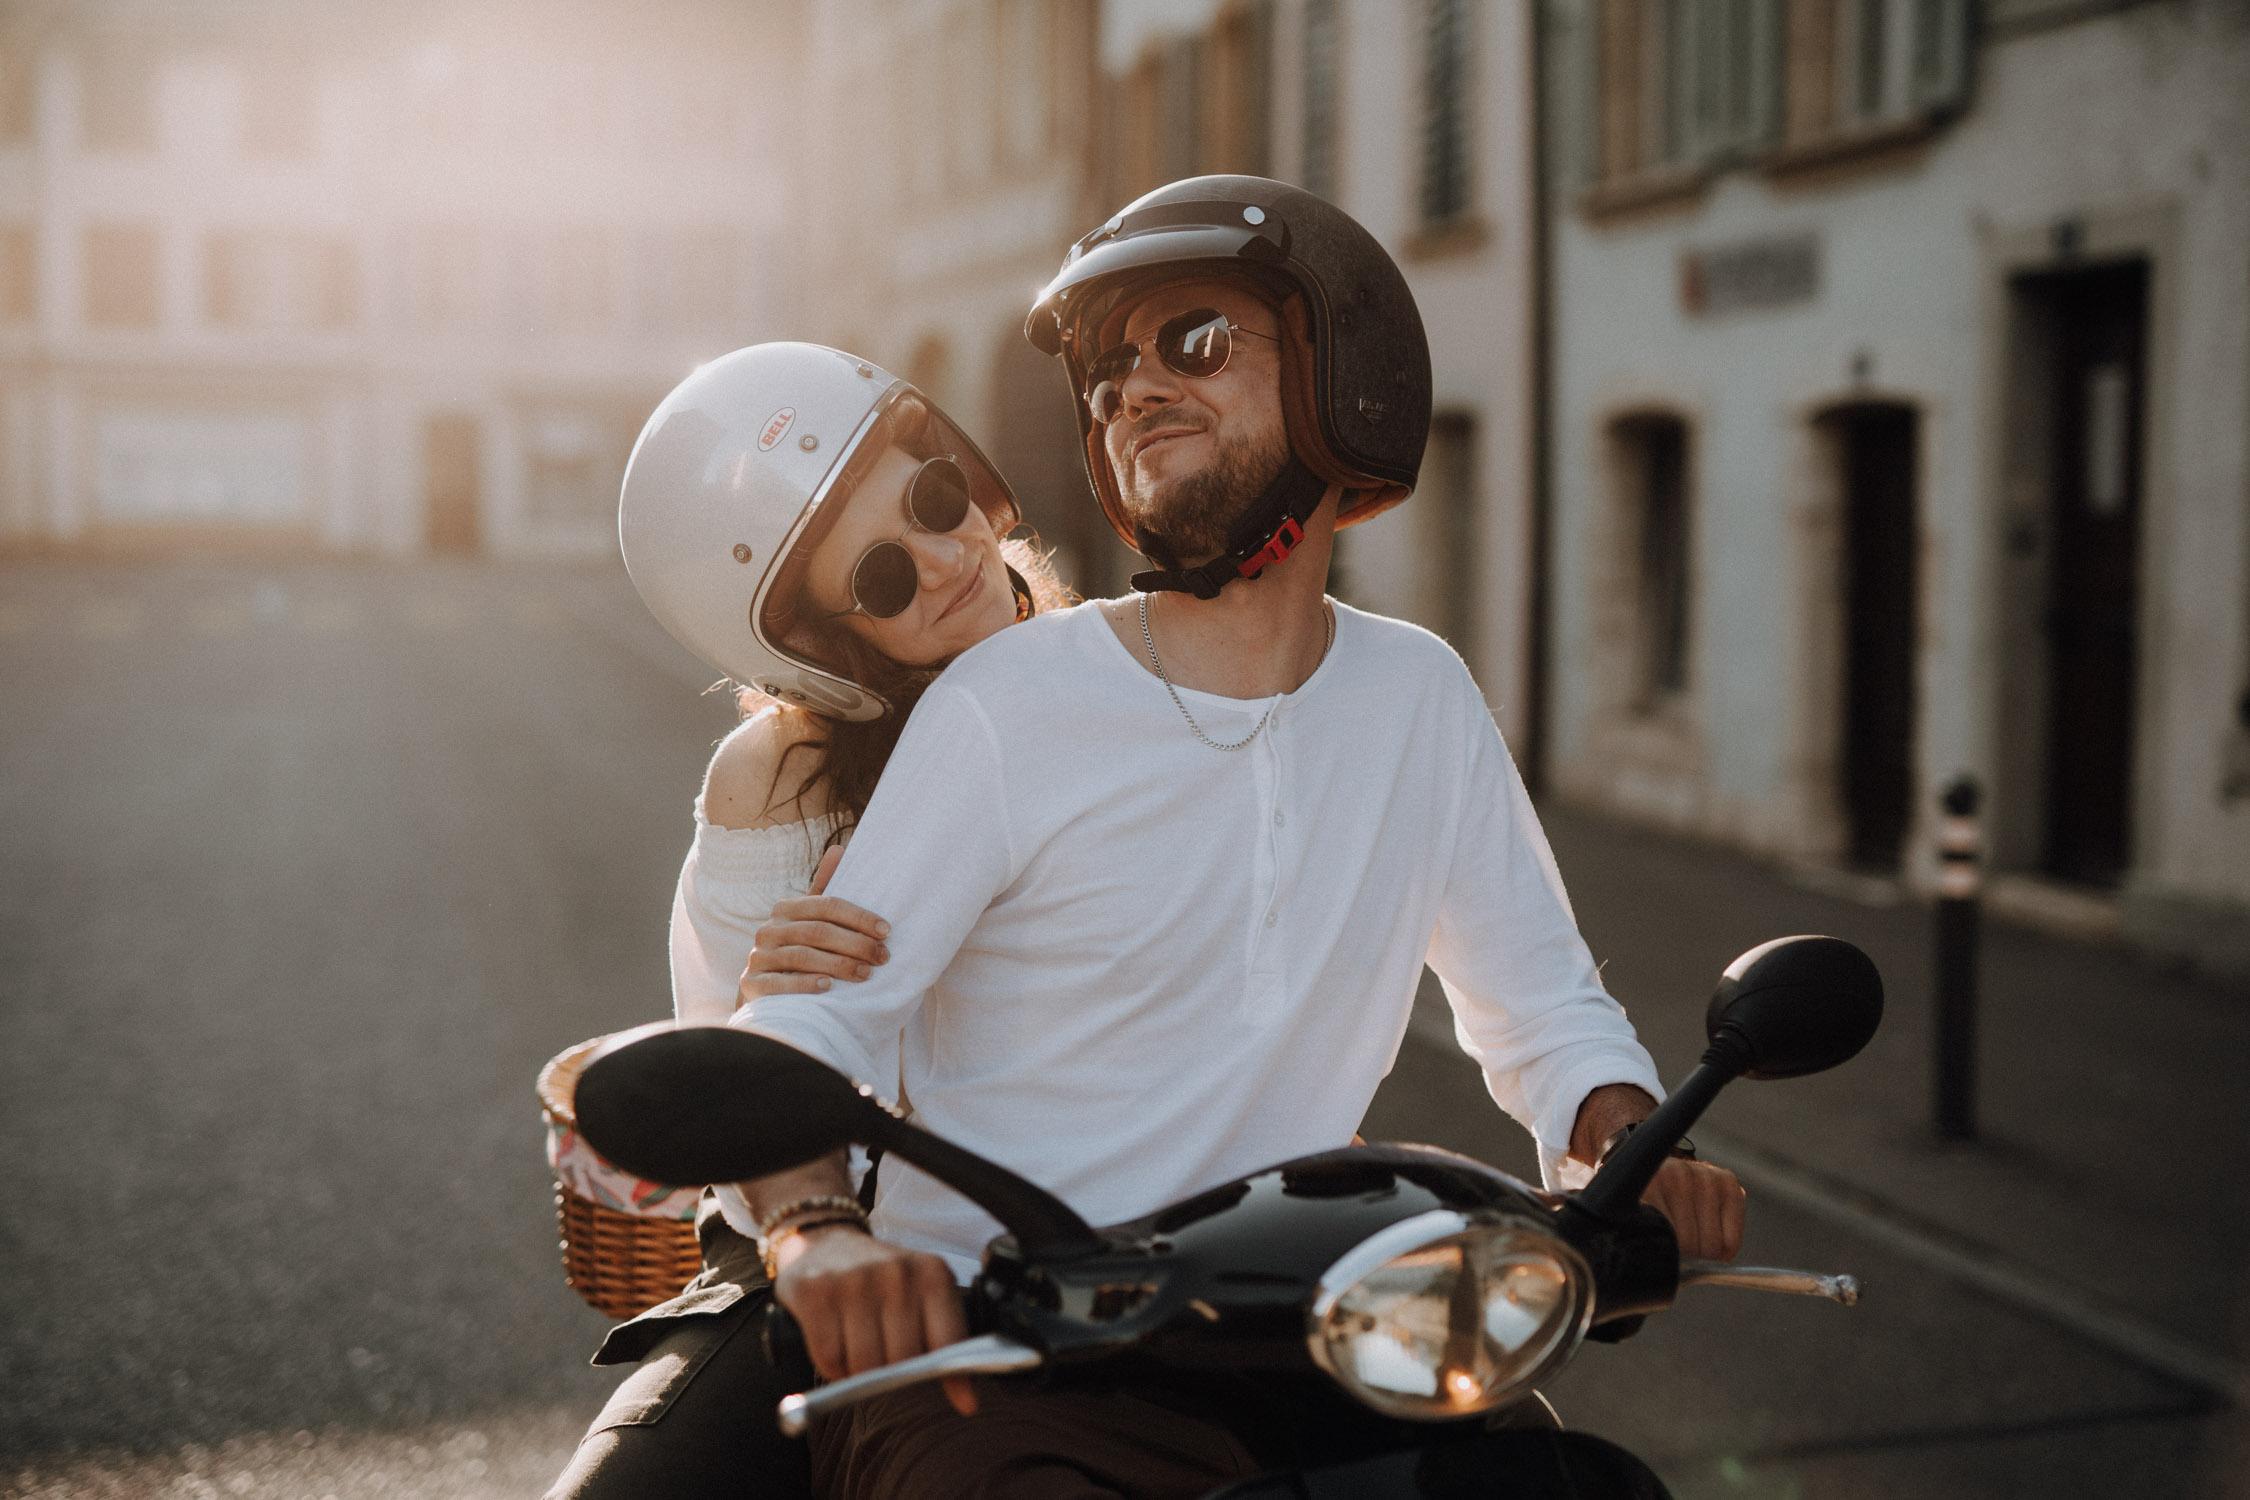 Verlobungsshooting in Bern Paarshooting natürlich ungestellt Schweiz Hochzeitsfotografin authentisch keine Posen mit einer Vespa Motorrad in Altstadt Vintage